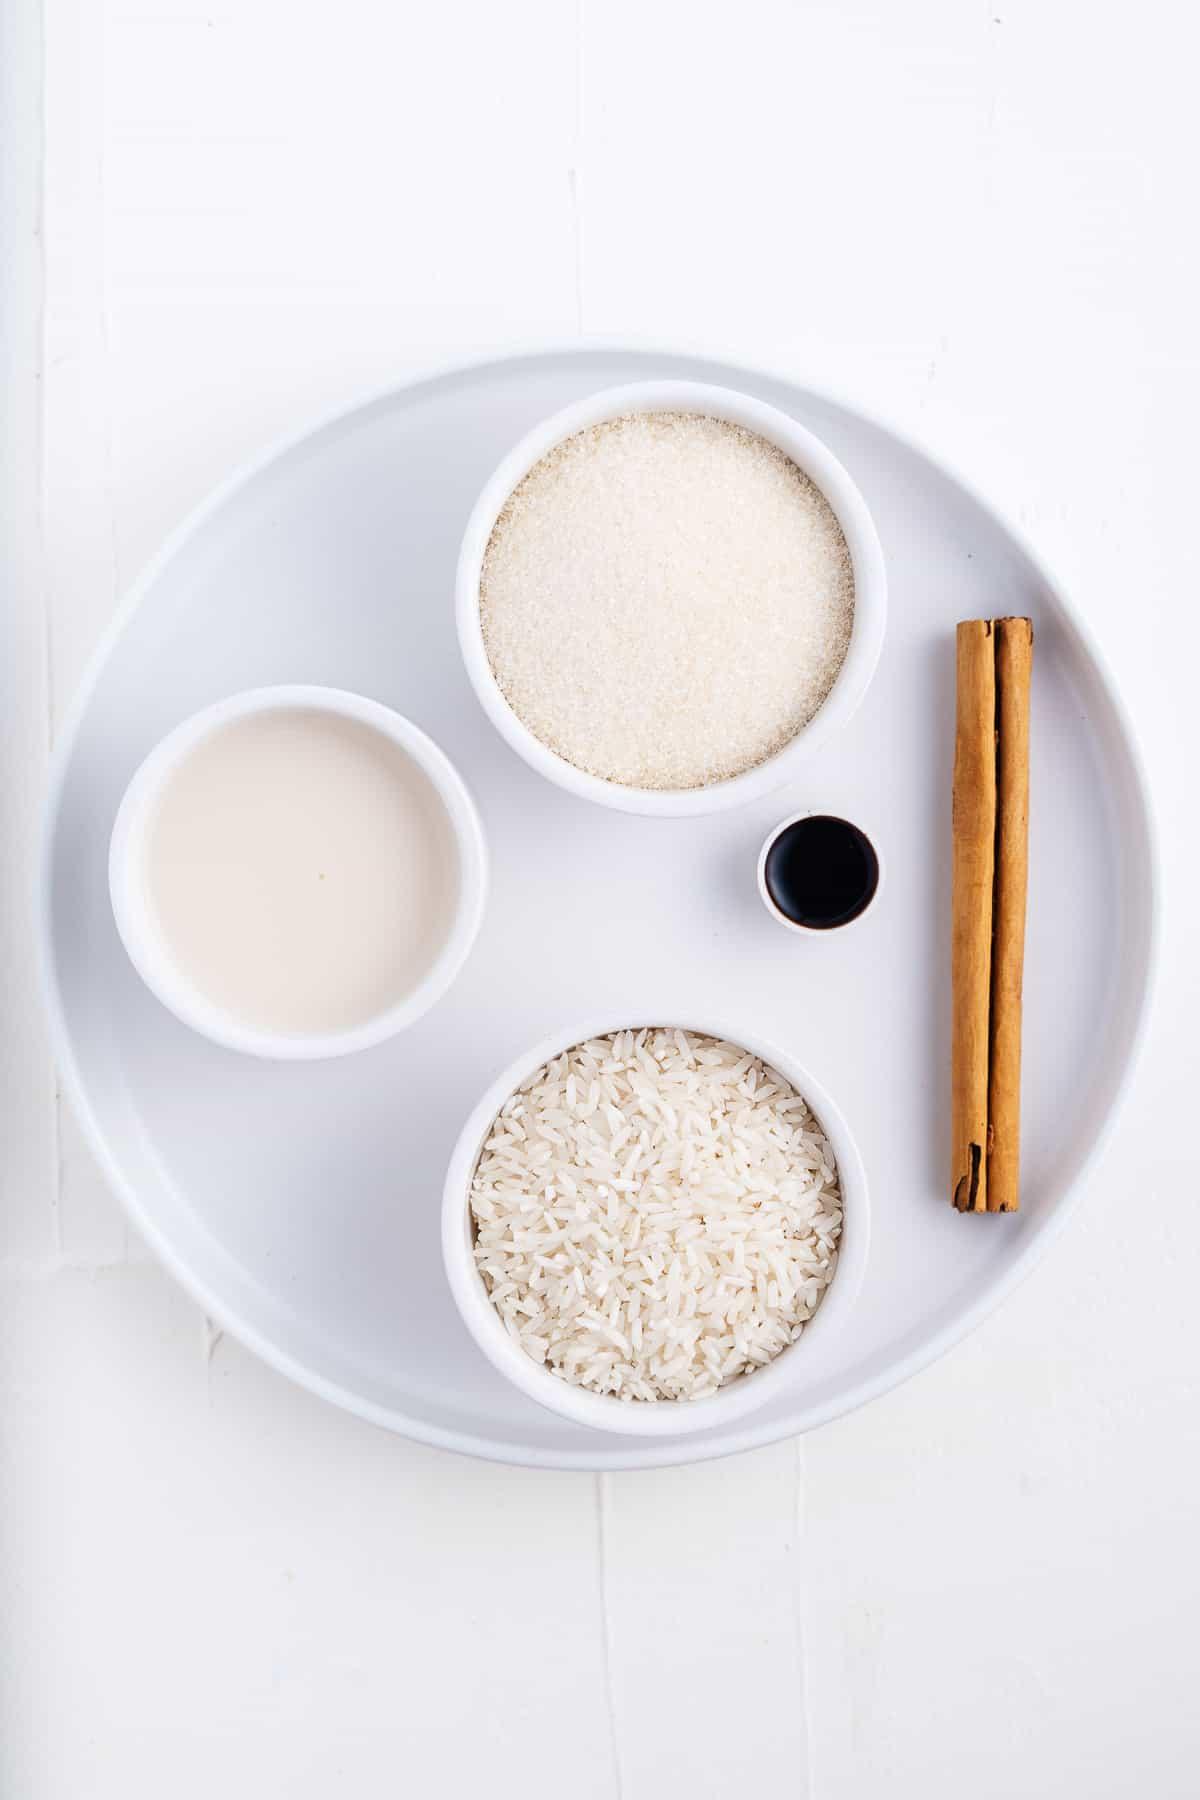 Almond Milk, Cane Sugar, Cinnamon Stick, Vanilla, and Rice